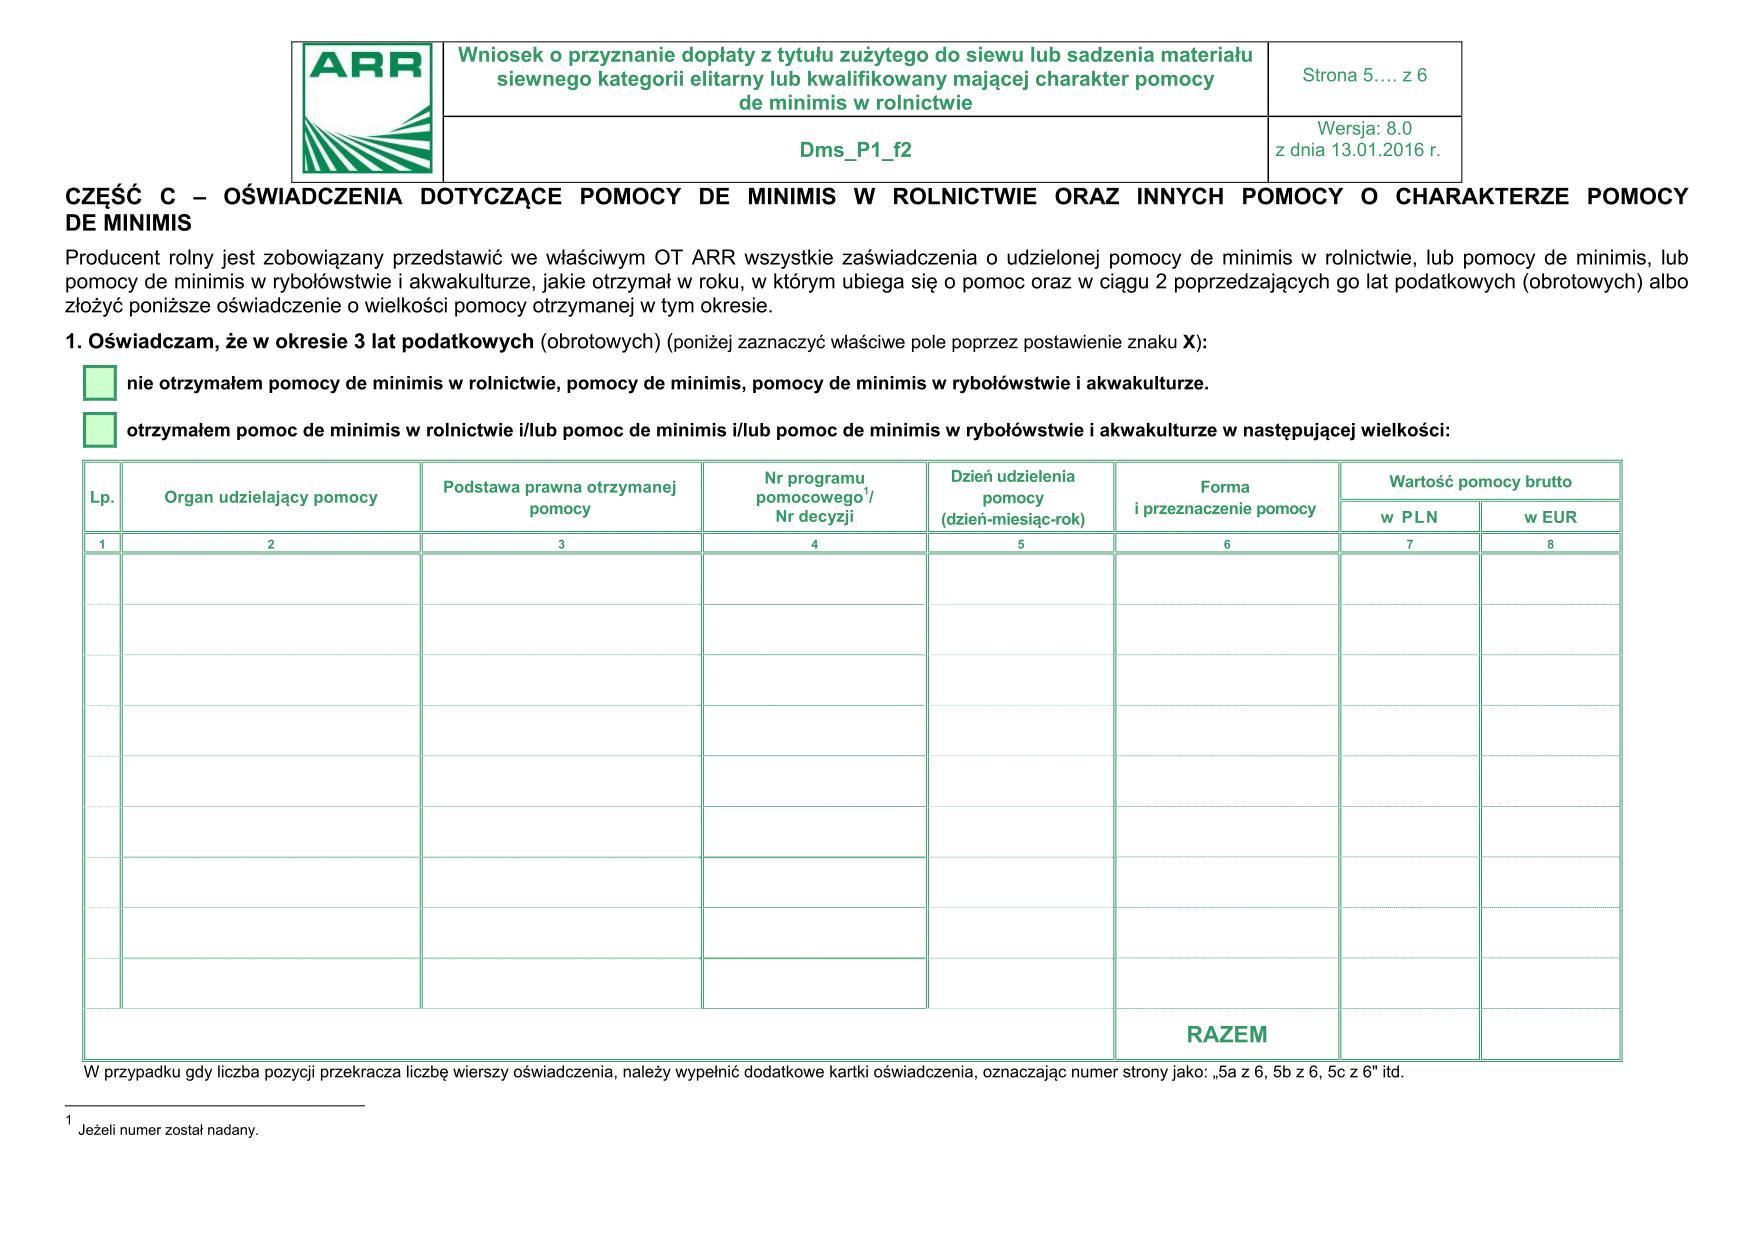 Dms_P1_f2 - str 5 (archiwalny) Oświadczenie dotyczące pomocy de minimis w rolnictwie oraz innych pomocy o charakterze pomocy de minimis